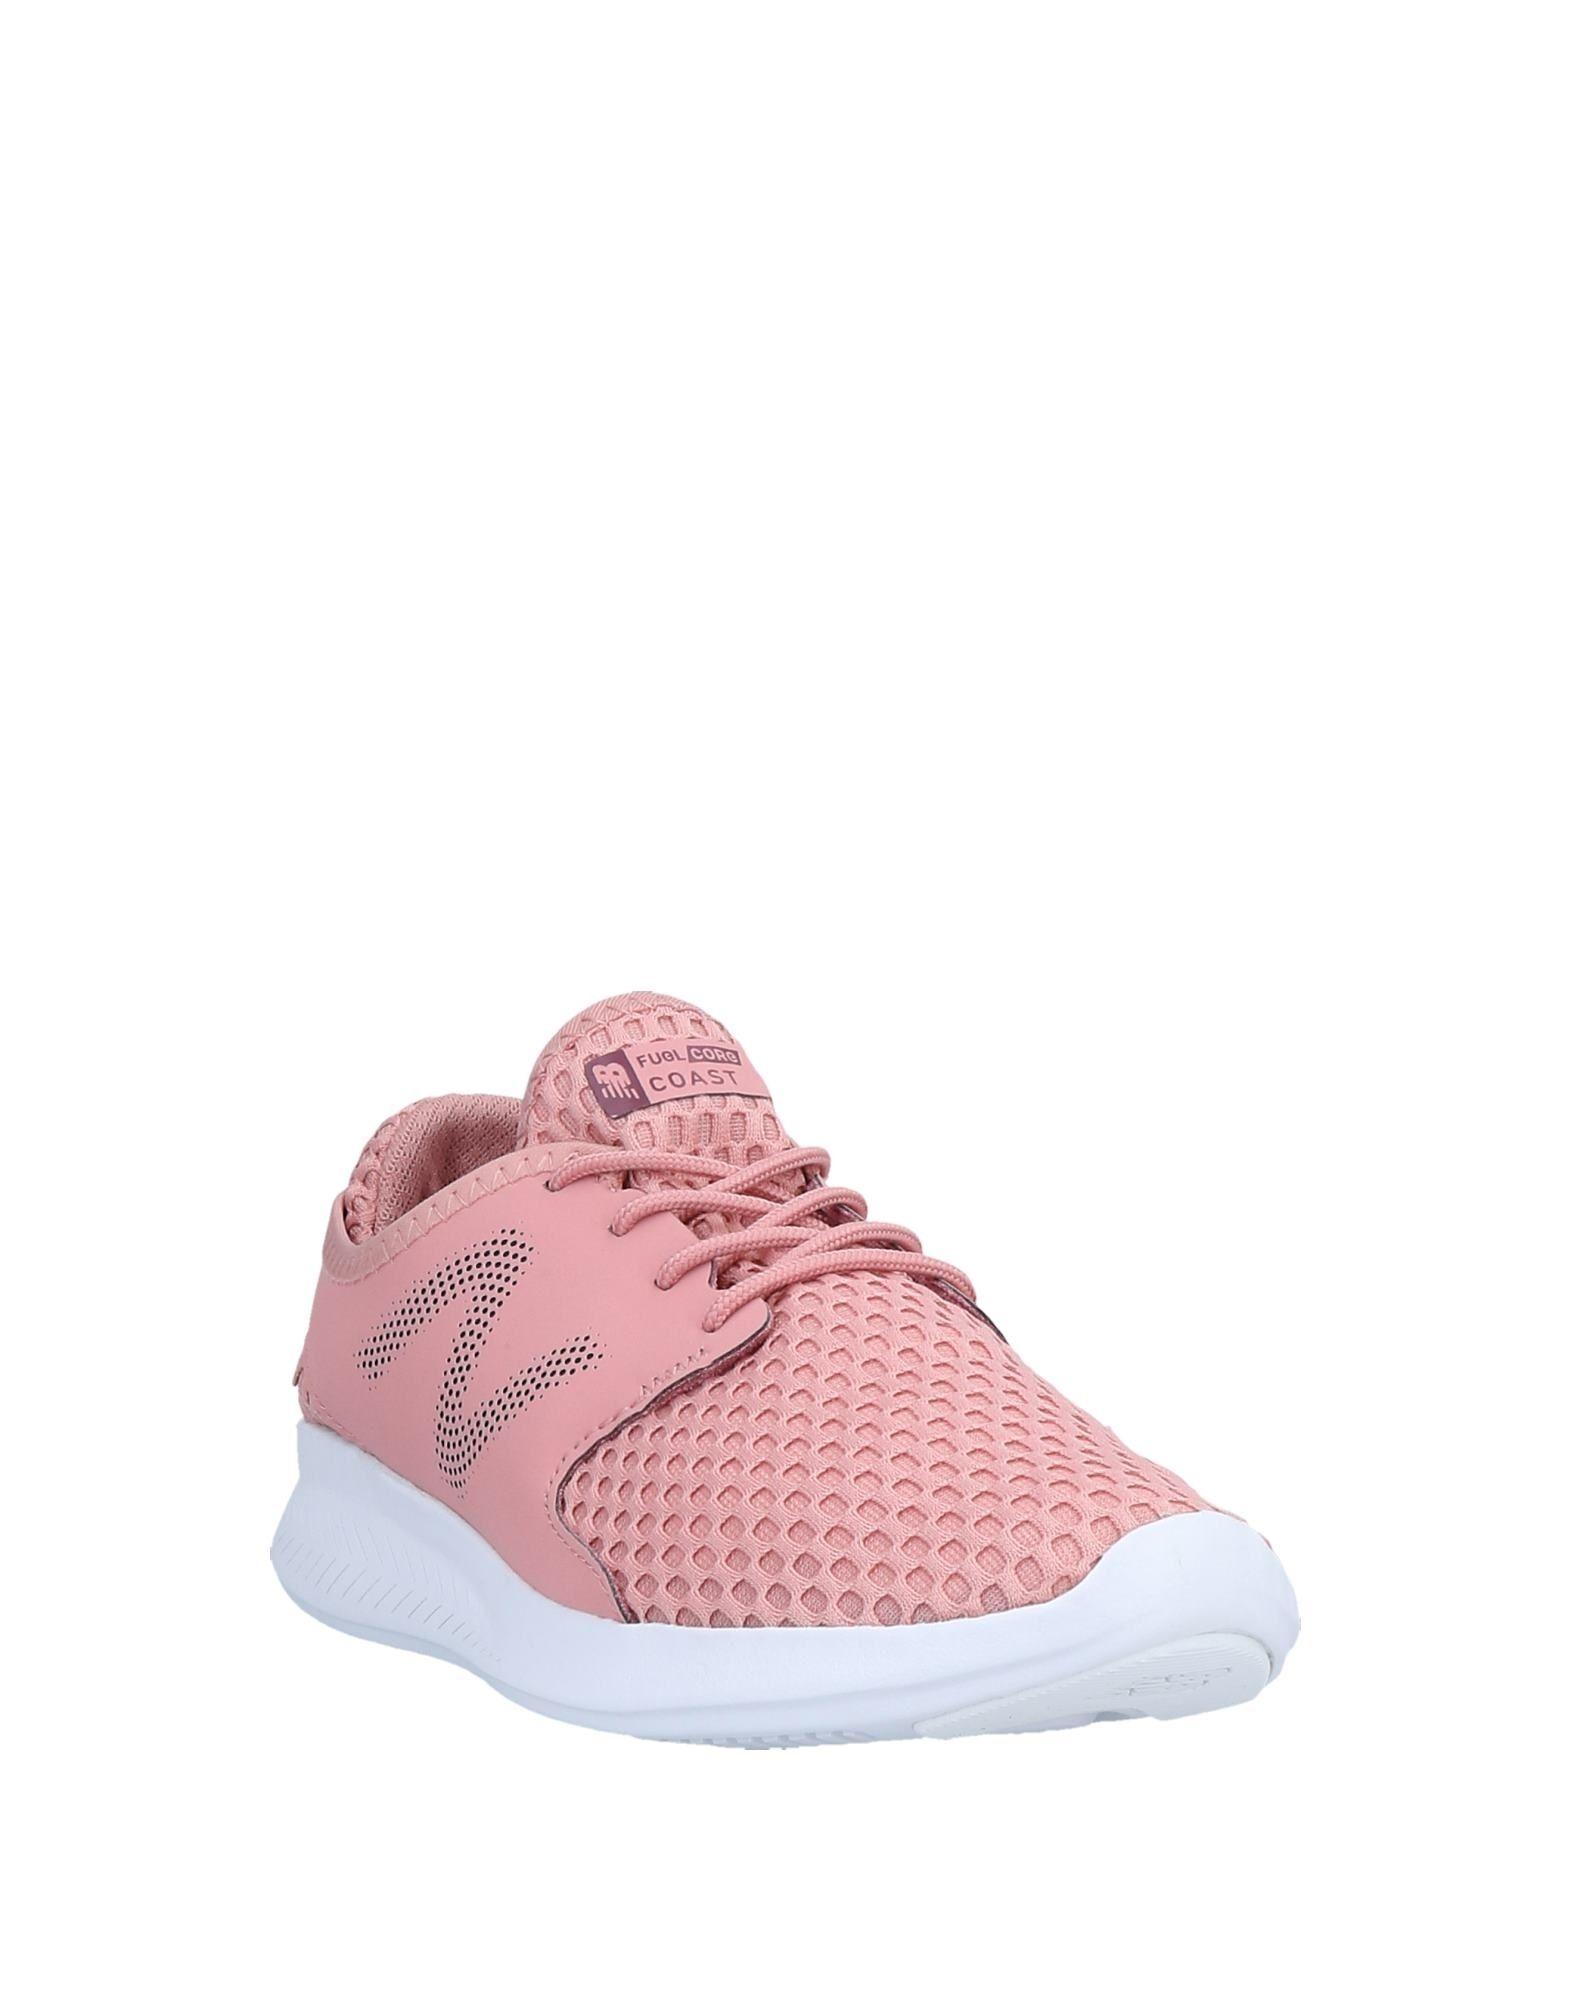 New Preis-Leistungs-Verhältnis, Balance Sneakers Damen Gutes Preis-Leistungs-Verhältnis, New es lohnt sich 3048 07c8c4